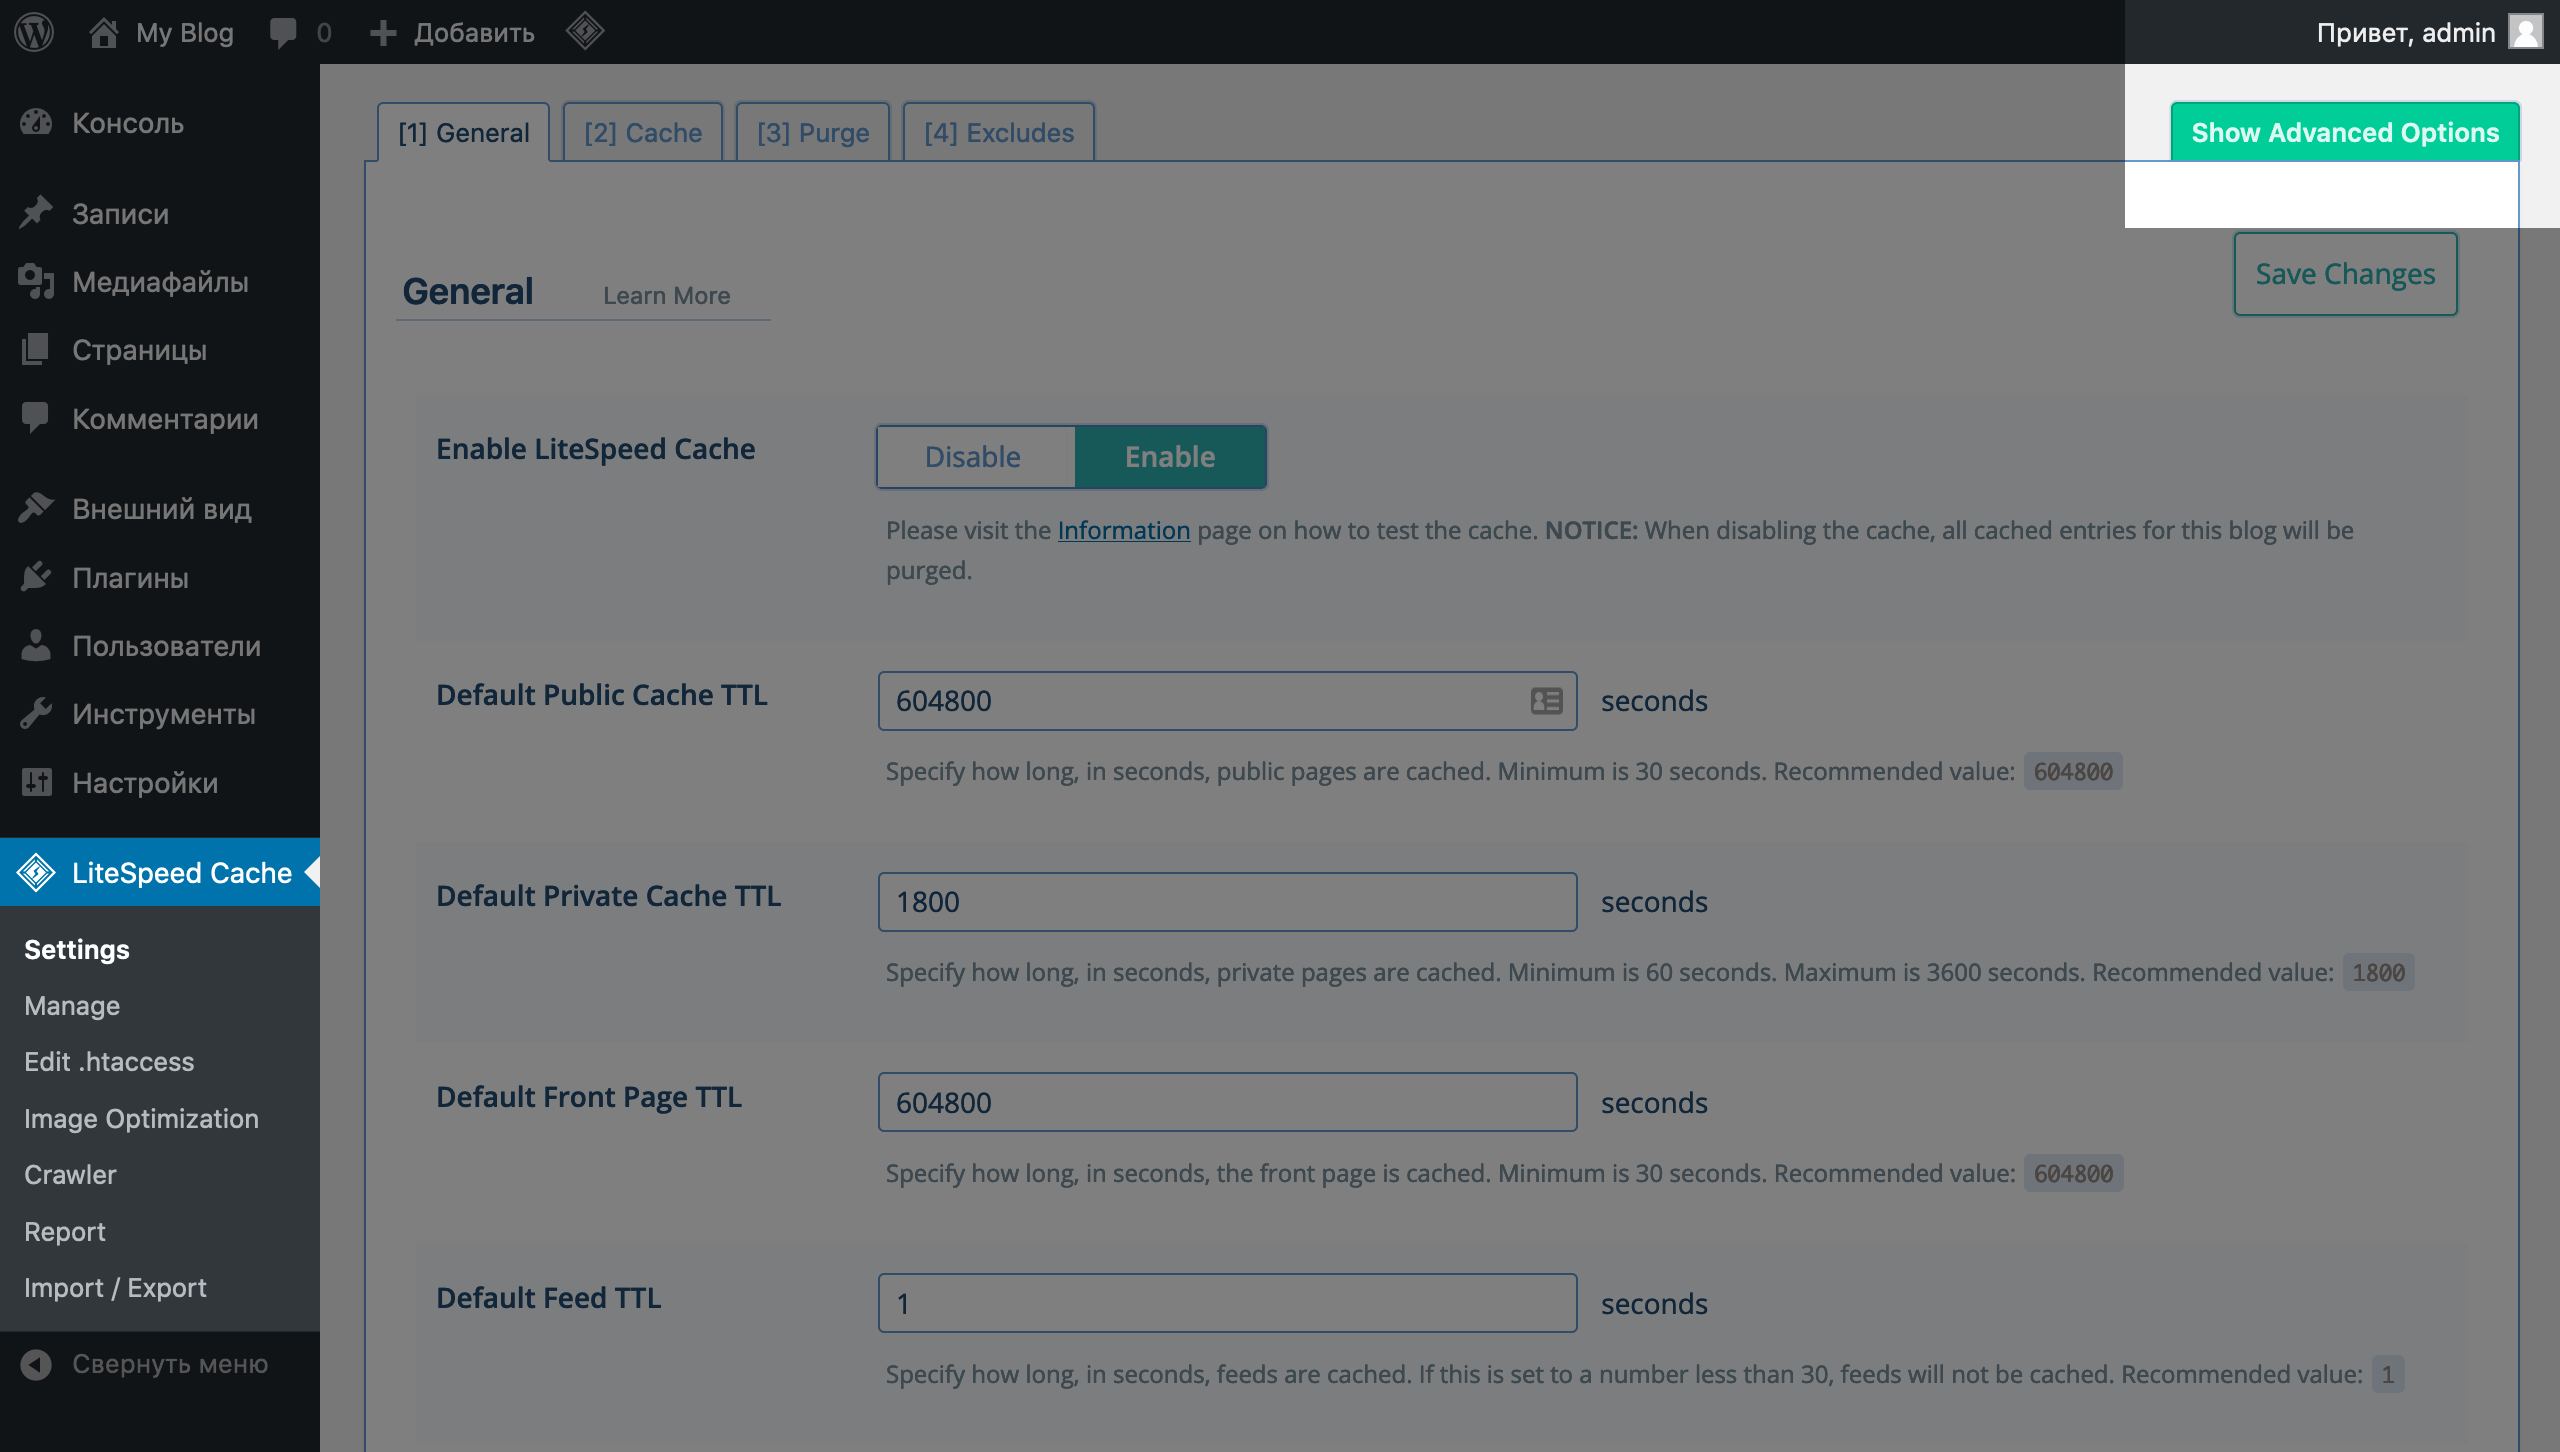 Подраздел Settings в меню управлением LiteSpeed Cache